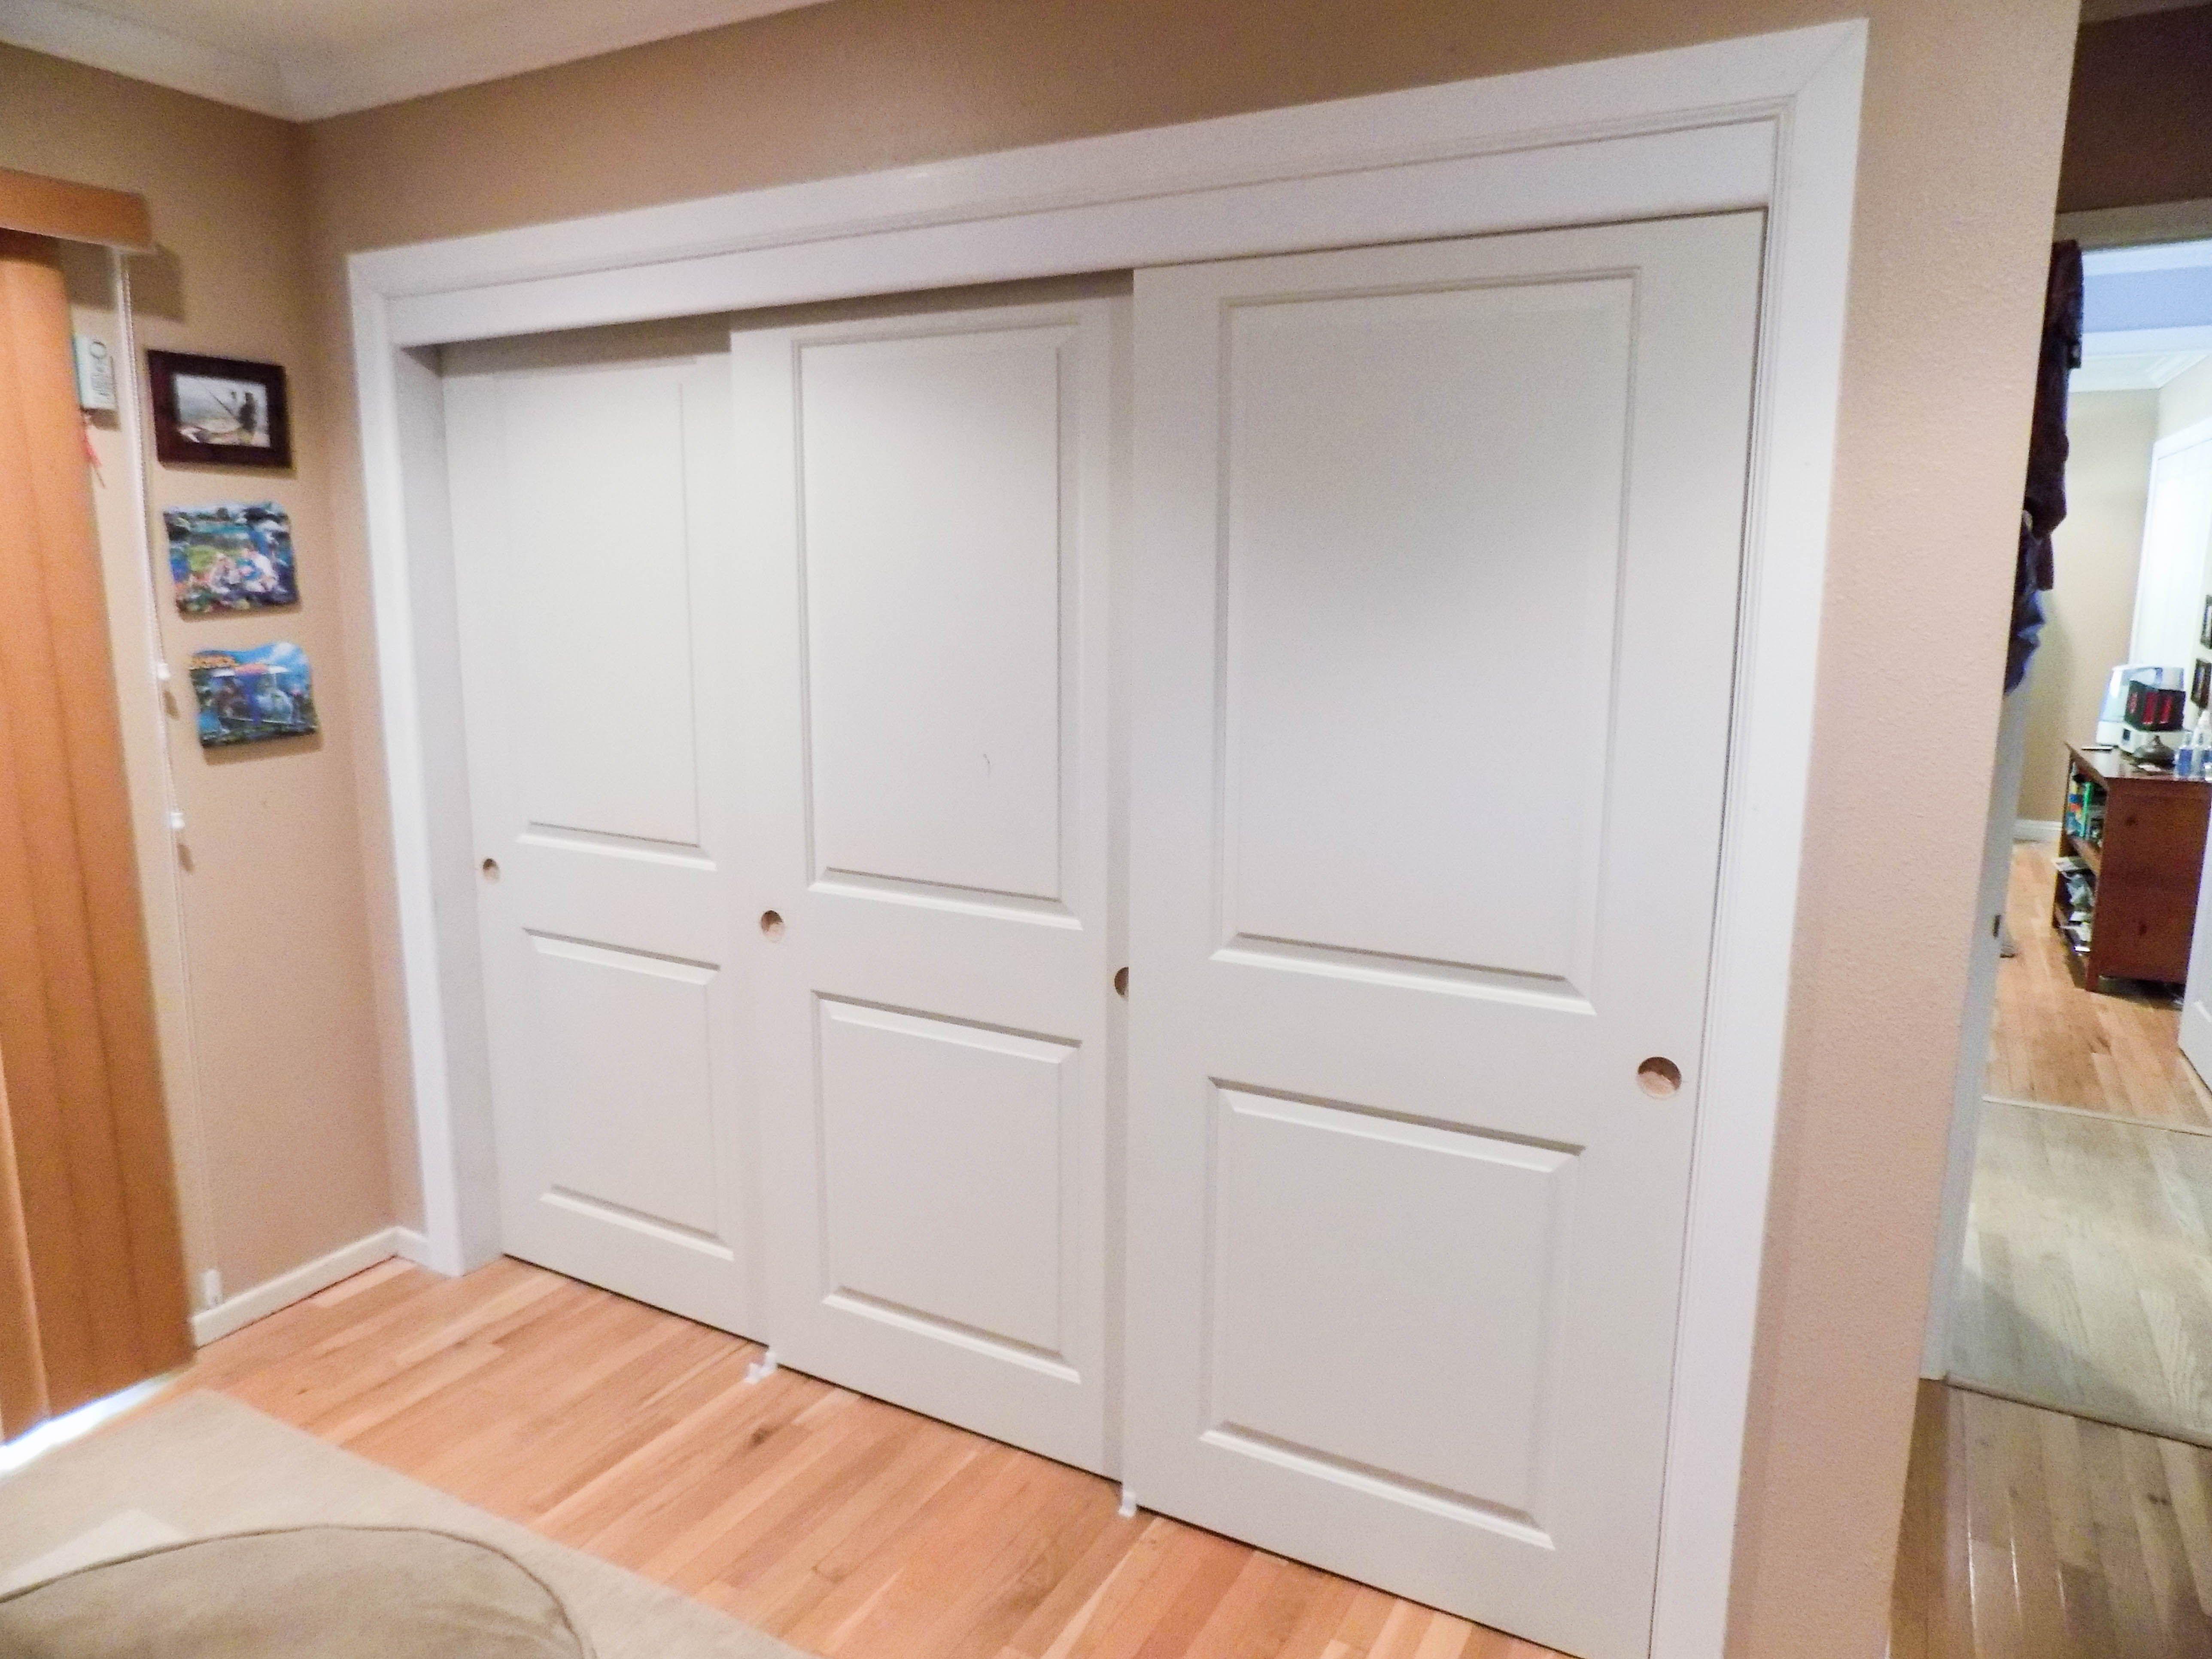 3 Panel 3 Track Top Hung Hollow Core Bypass Closet Doors We